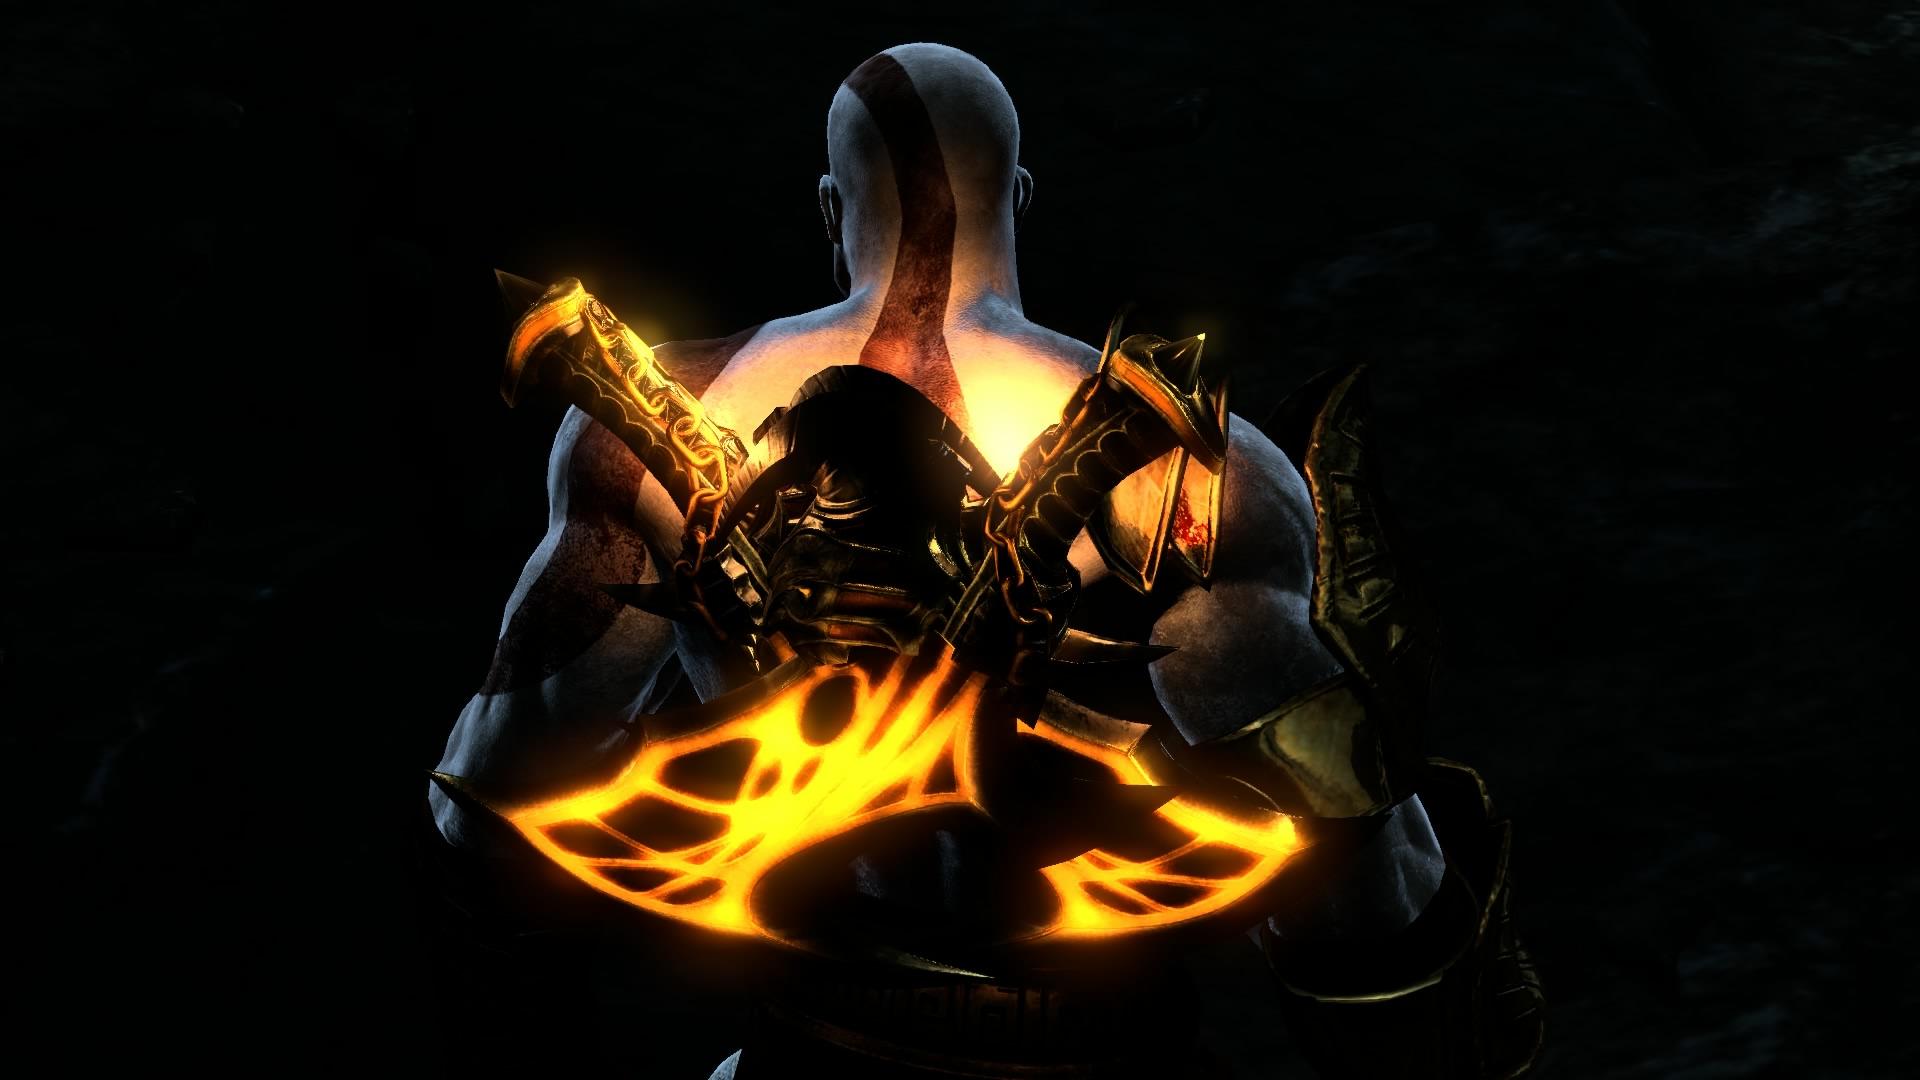 Скриншот №4 к God of War III Обновленная версия